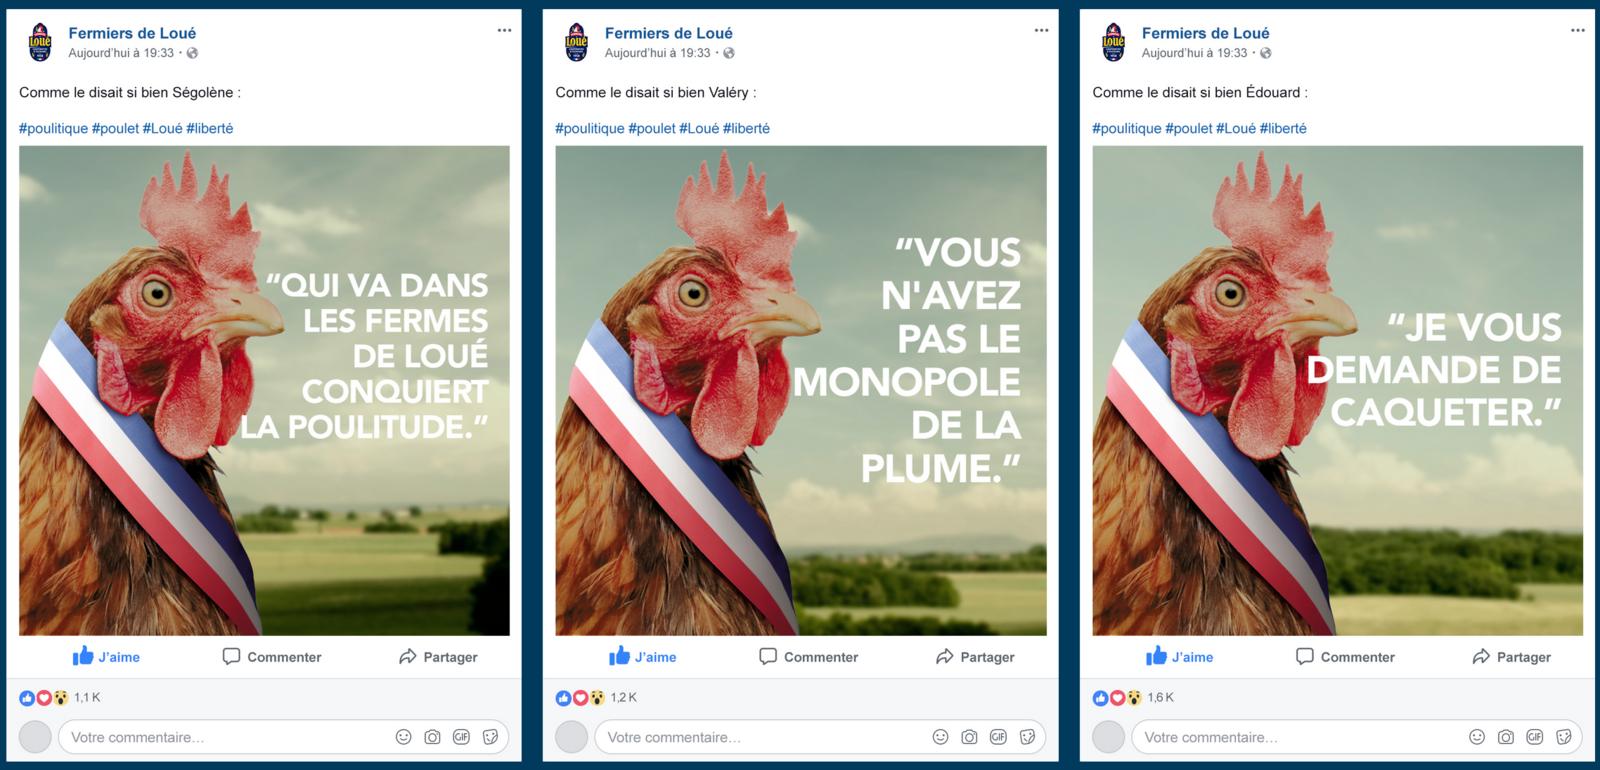 """Les Fermiers de Loué : """"Campagne des Municipoules"""" (lancée à quelques jours des campagnes municipales 2020) I Agence : Josiane, France (mars 2020)"""